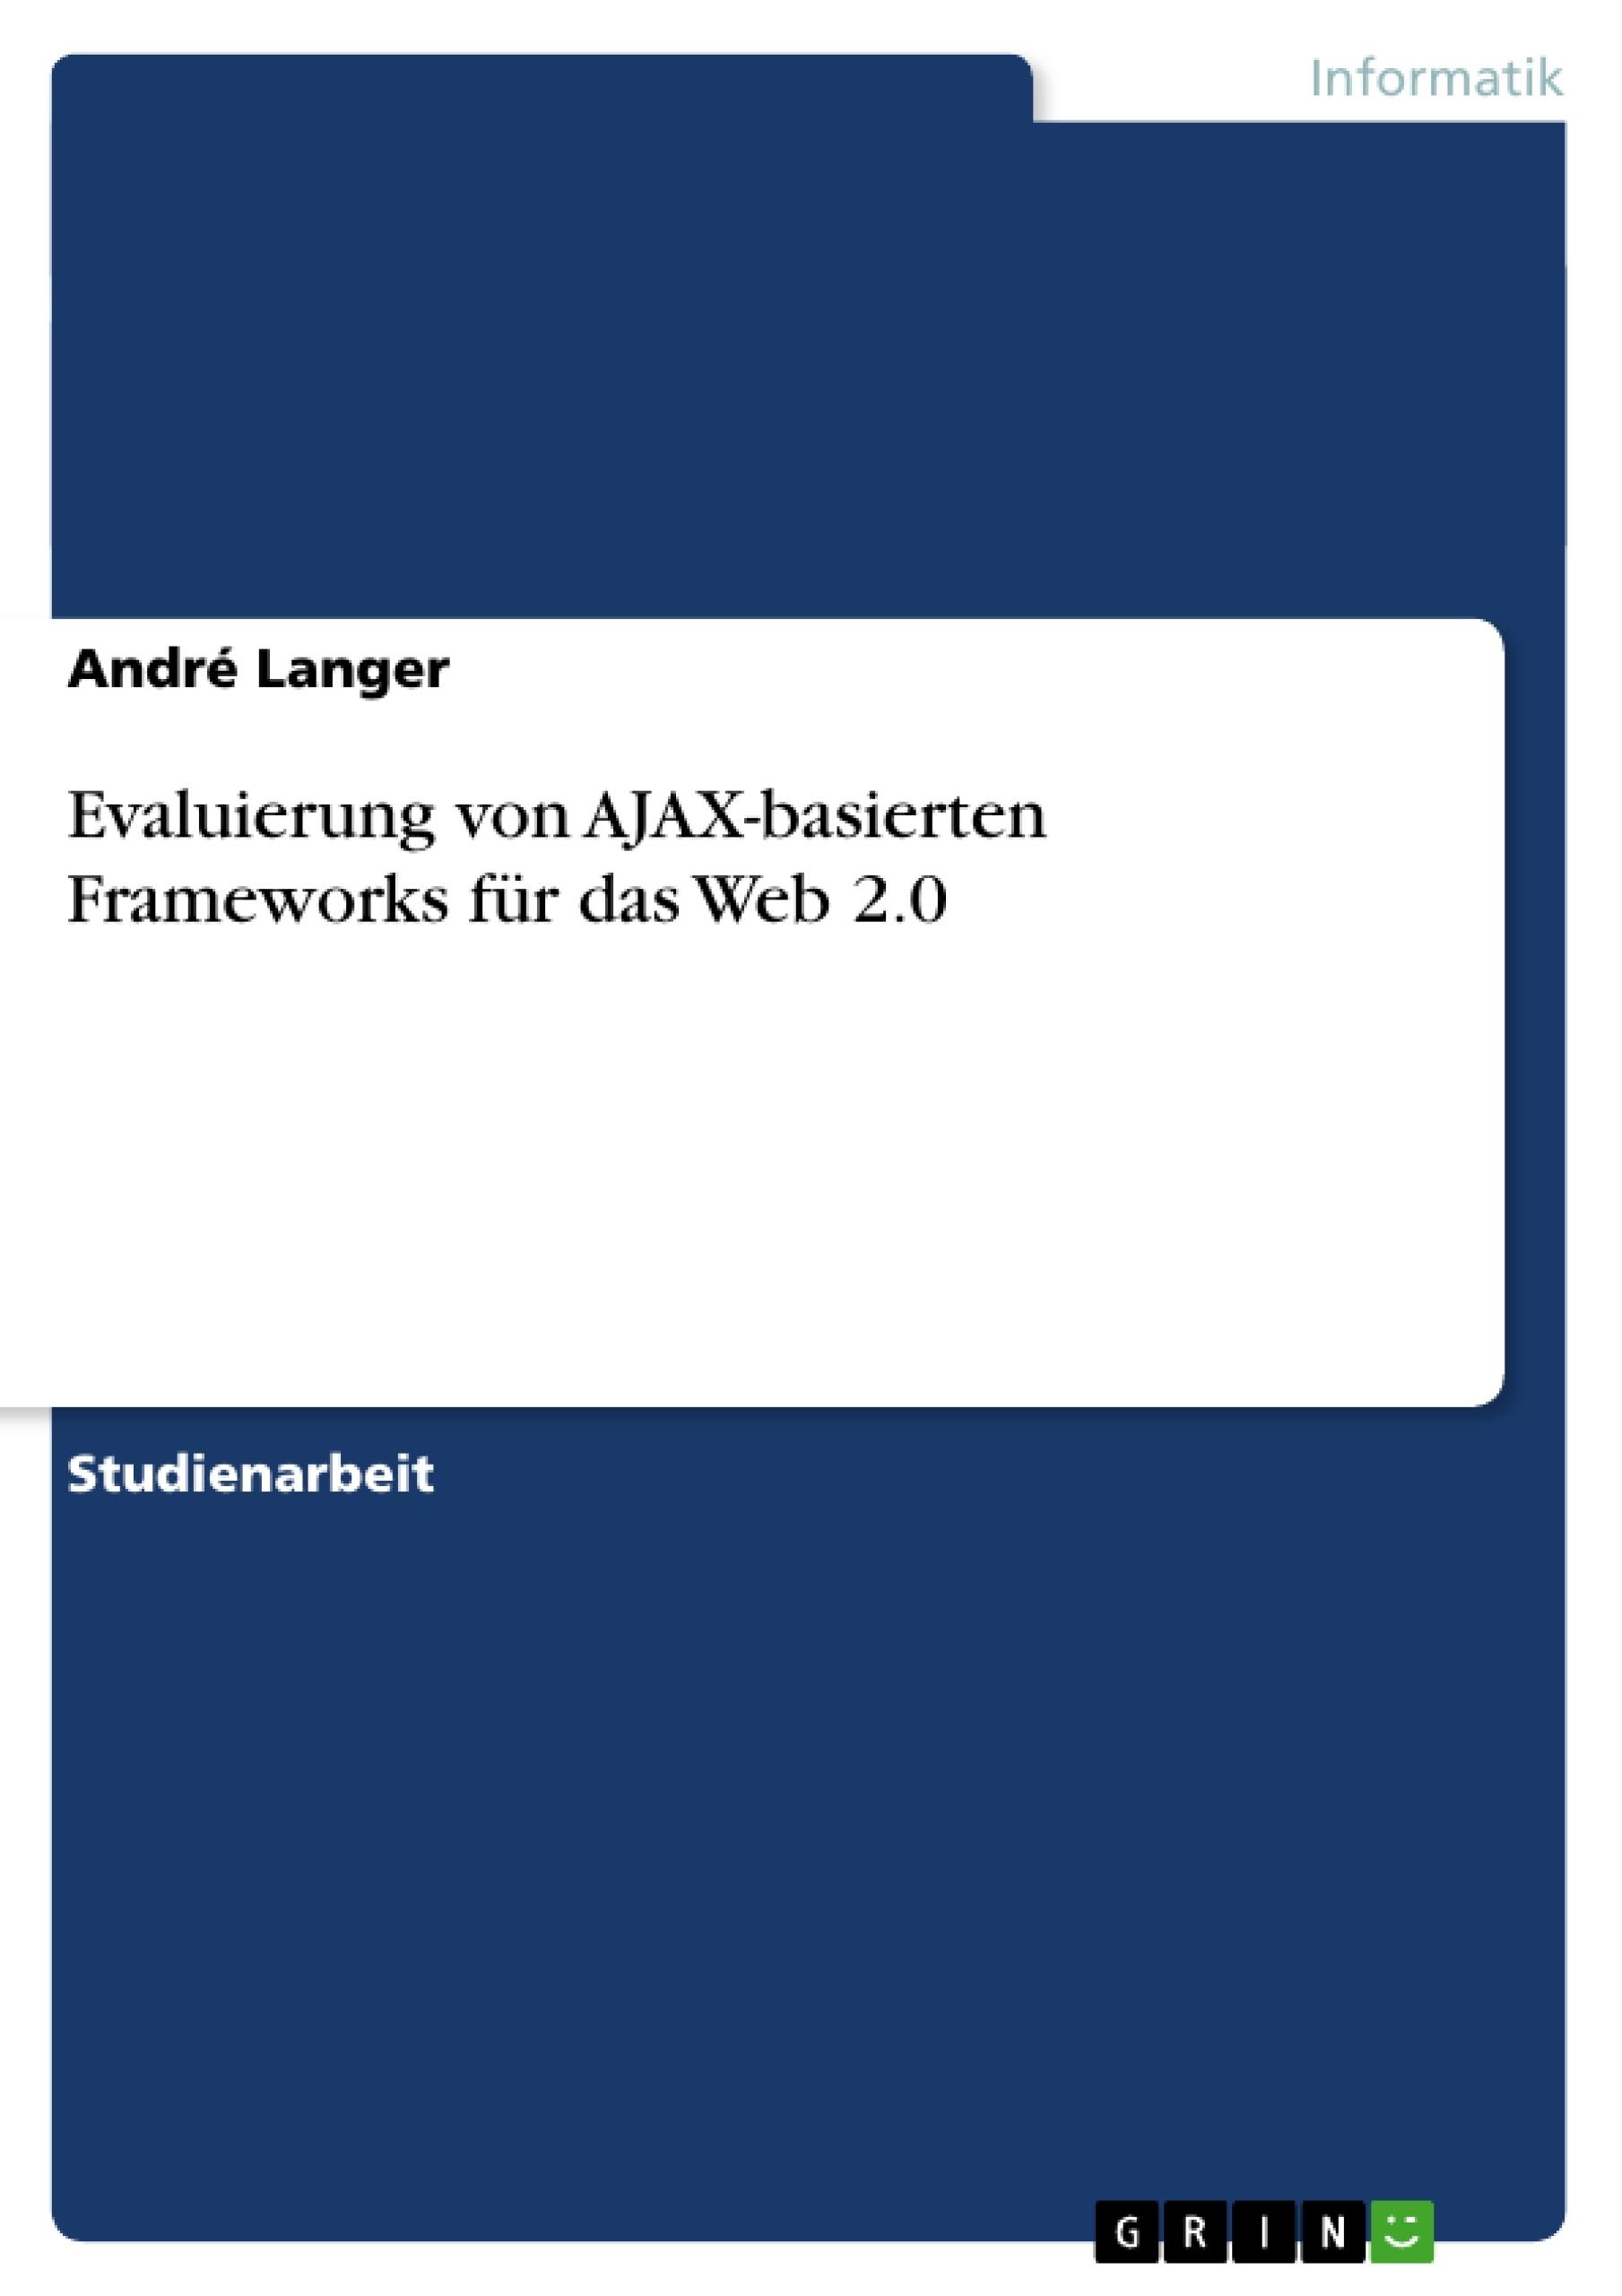 Titel: Evaluierung von AJAX-basierten Frameworks für das Web 2.0